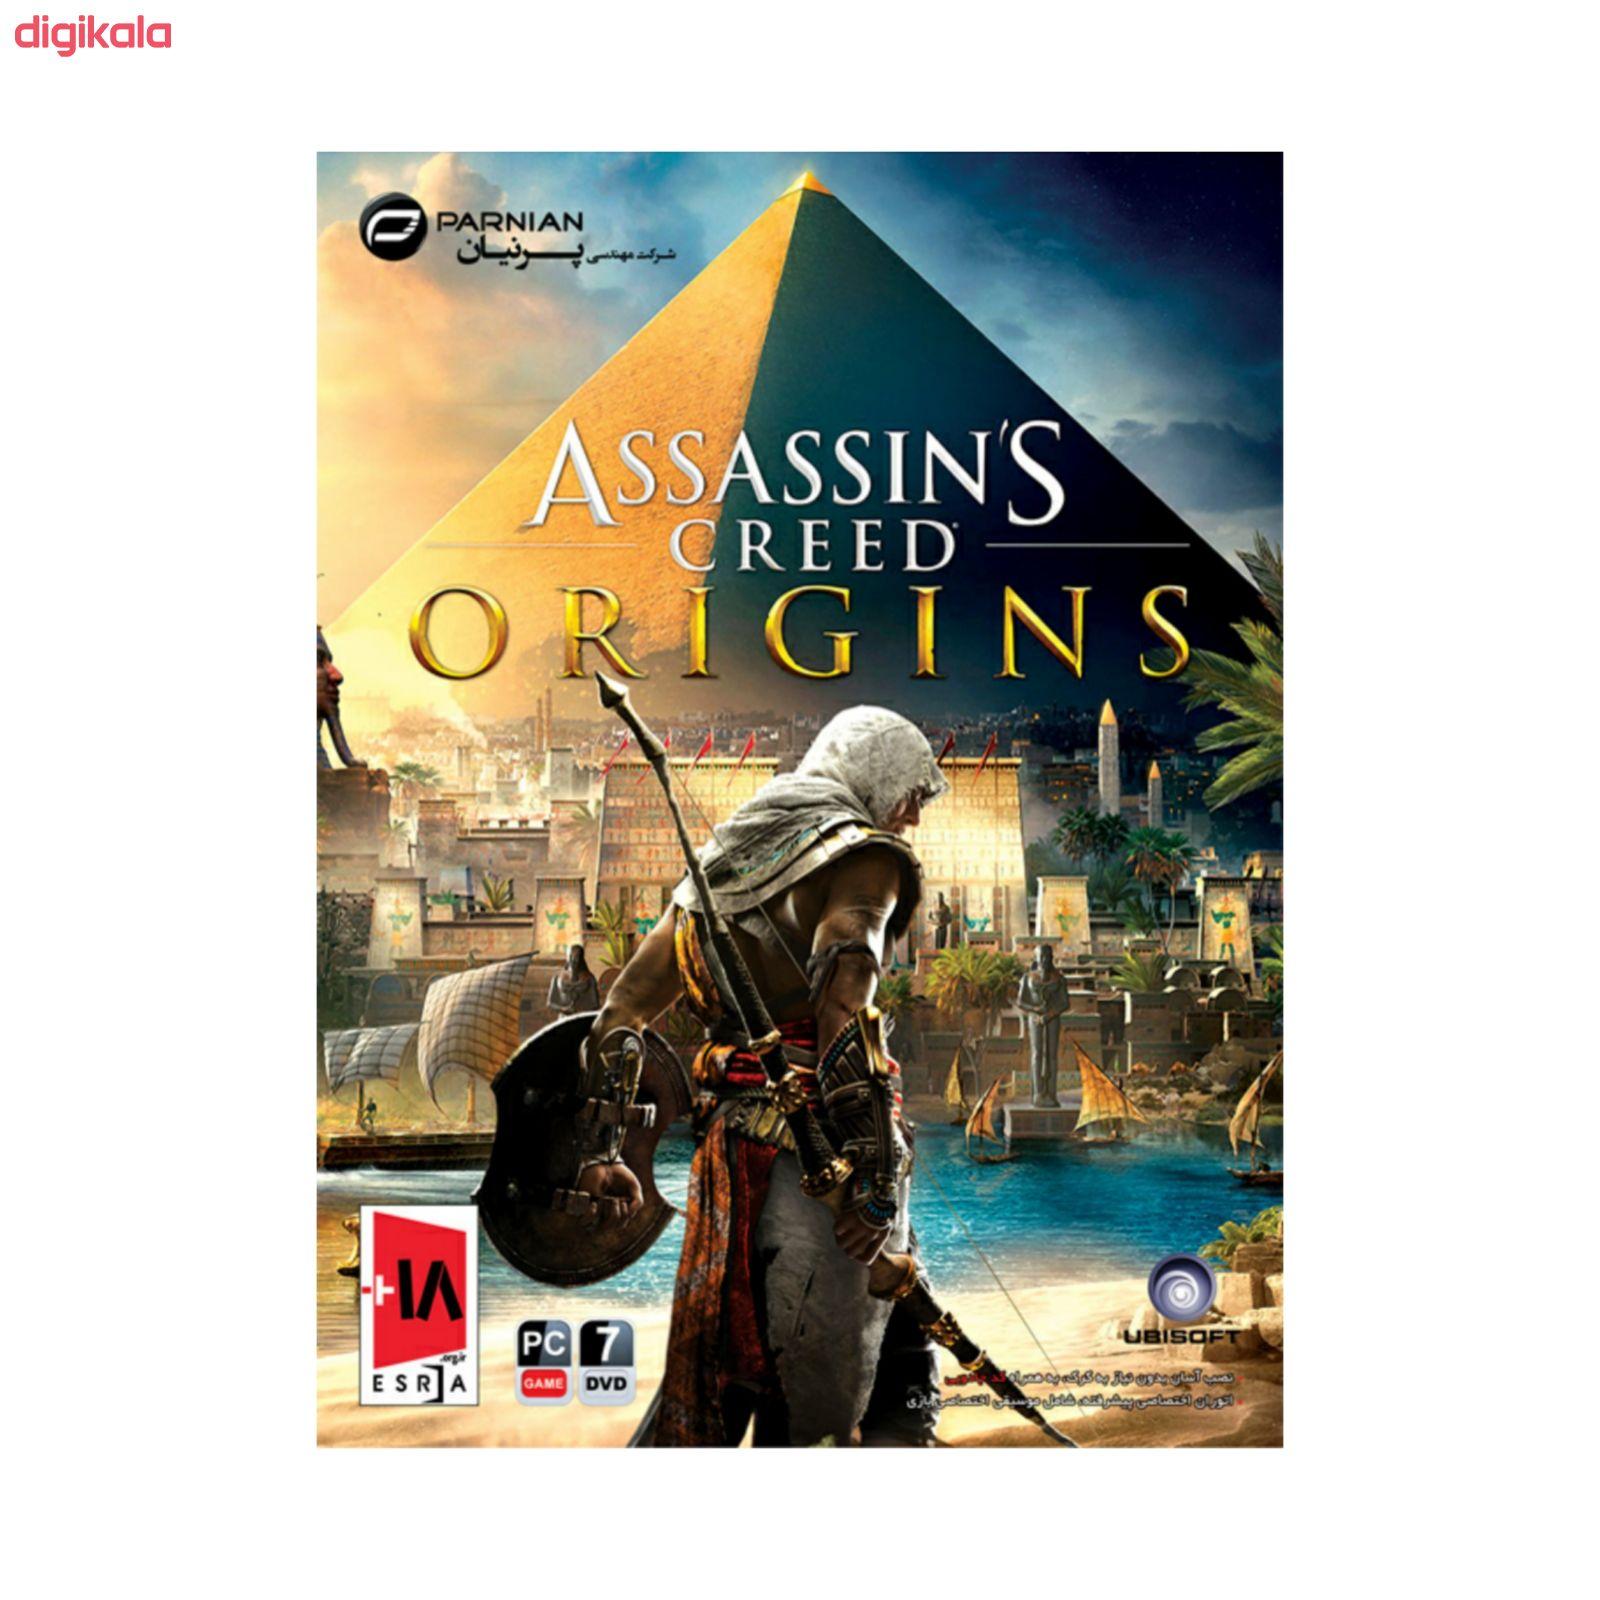 بازی assassins creed origins مخصوص pc نشر پرنیان main 1 1